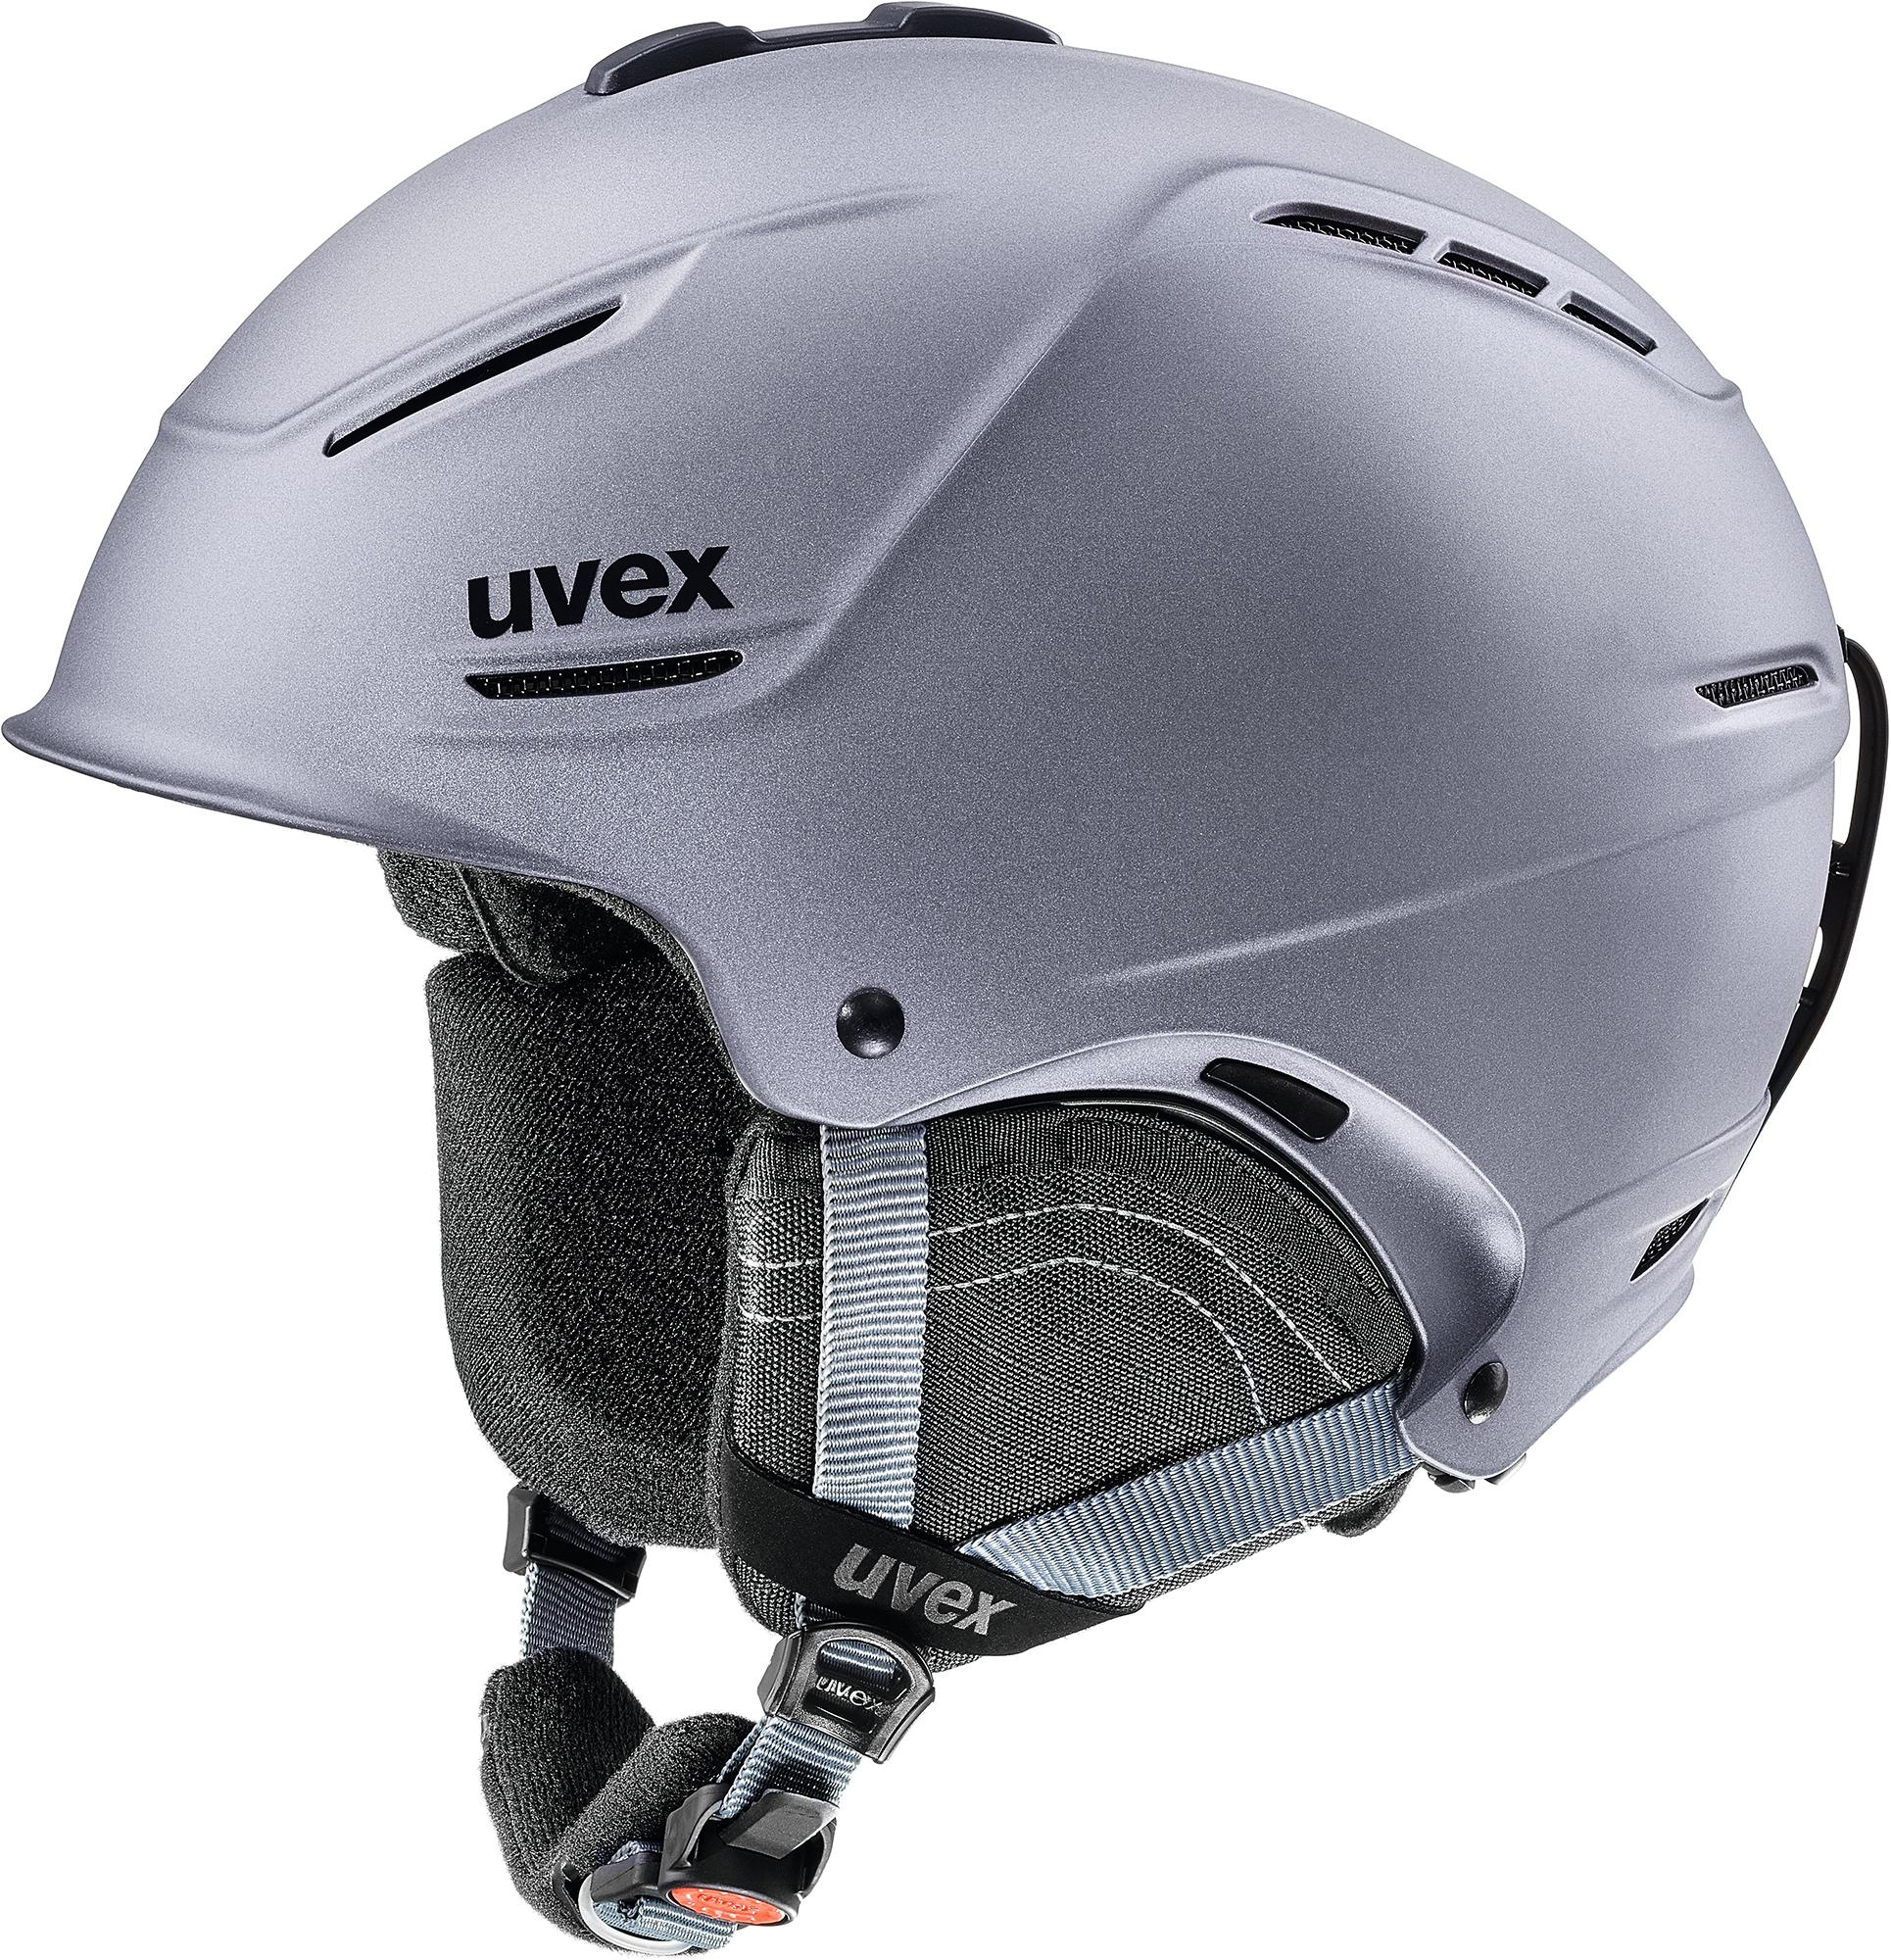 Uvex Шлем Uvex P1us 2.0, размер 59-62